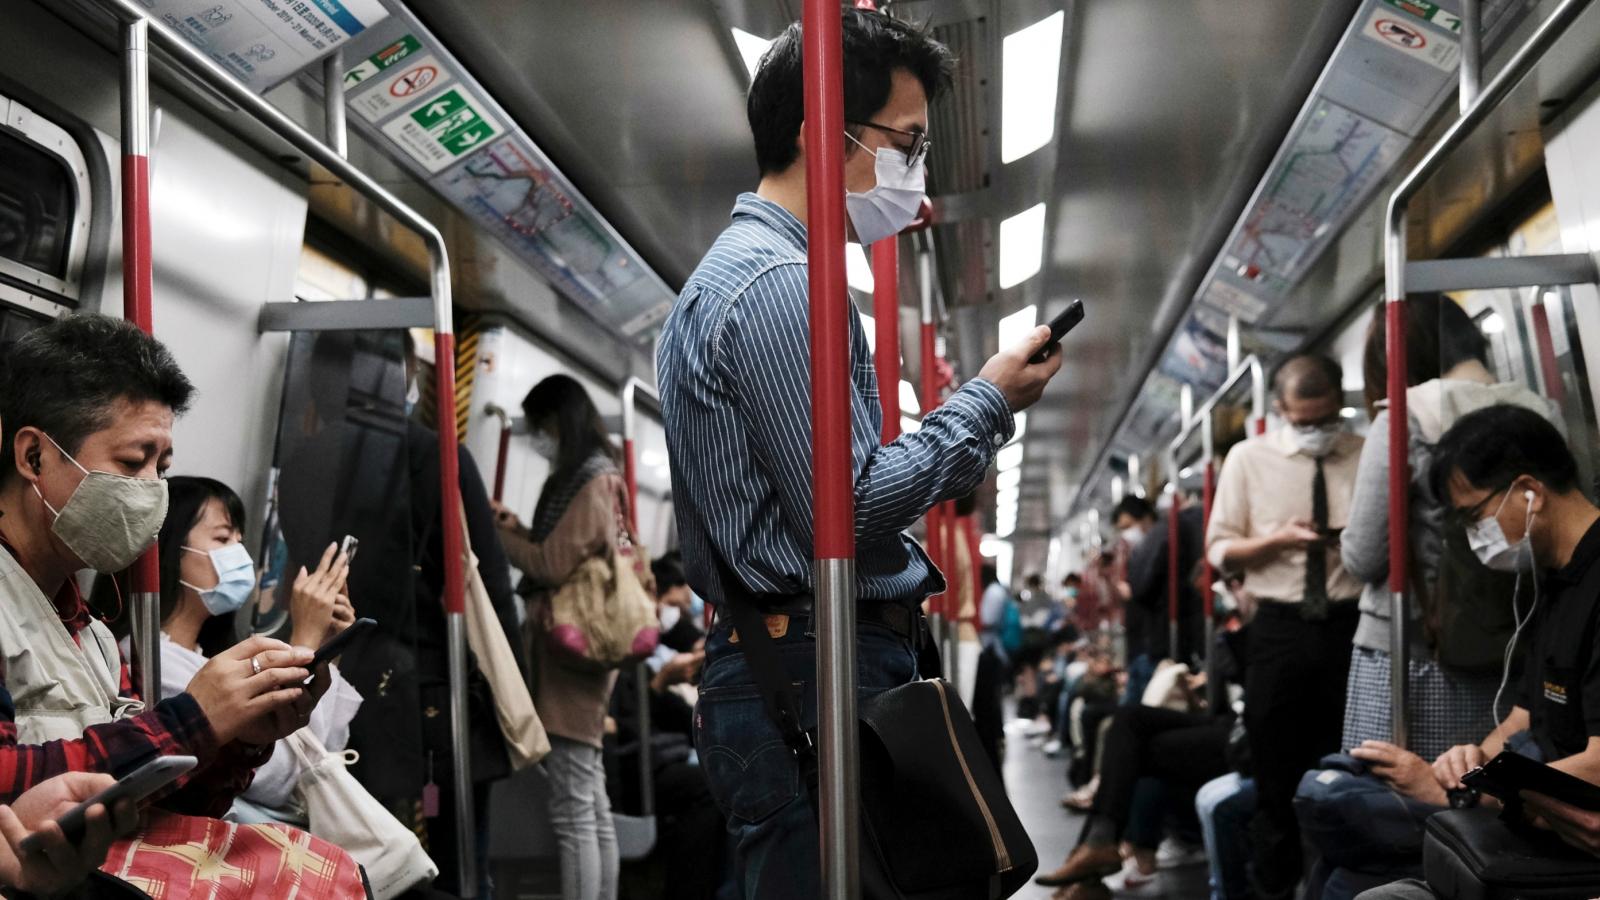 Hong Kong (Trung Quốc) kéo dài thời gian cách ly bắt buộc, thêm Nam Phi vào danh sách cấm